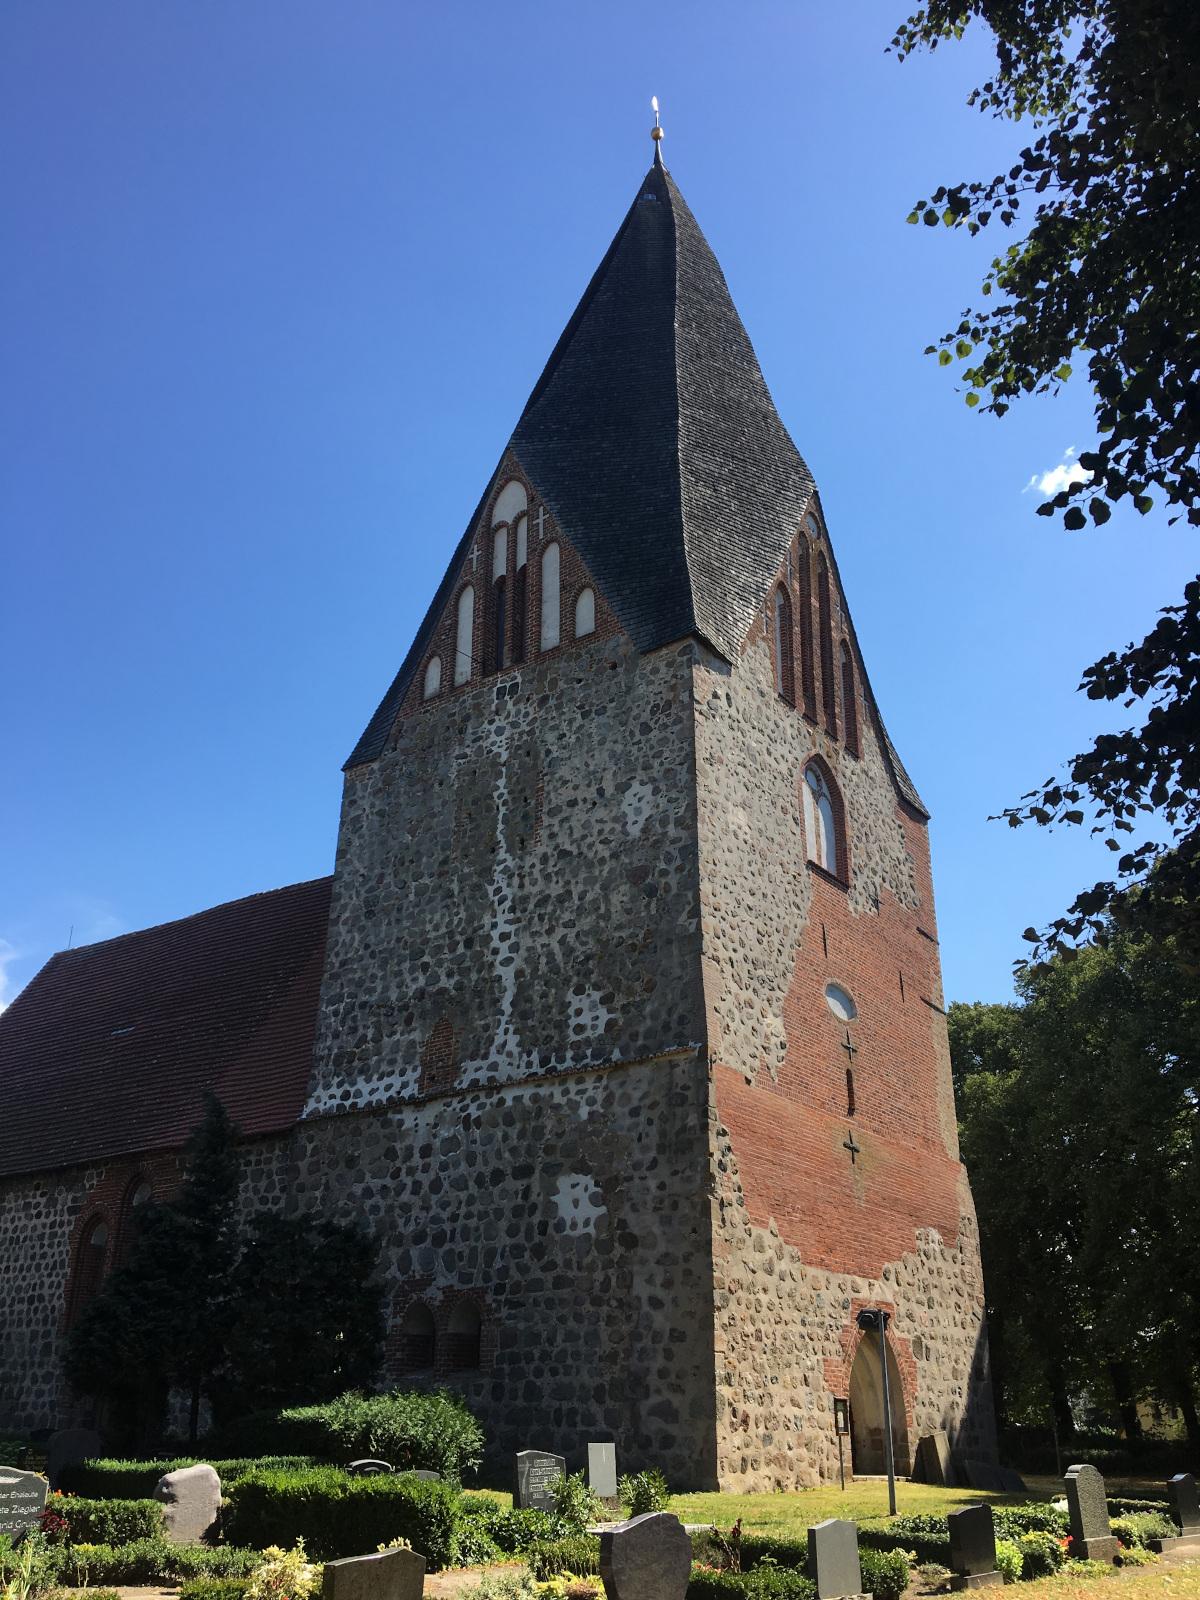 Dorfkirche Neukirchen, Bützower Land